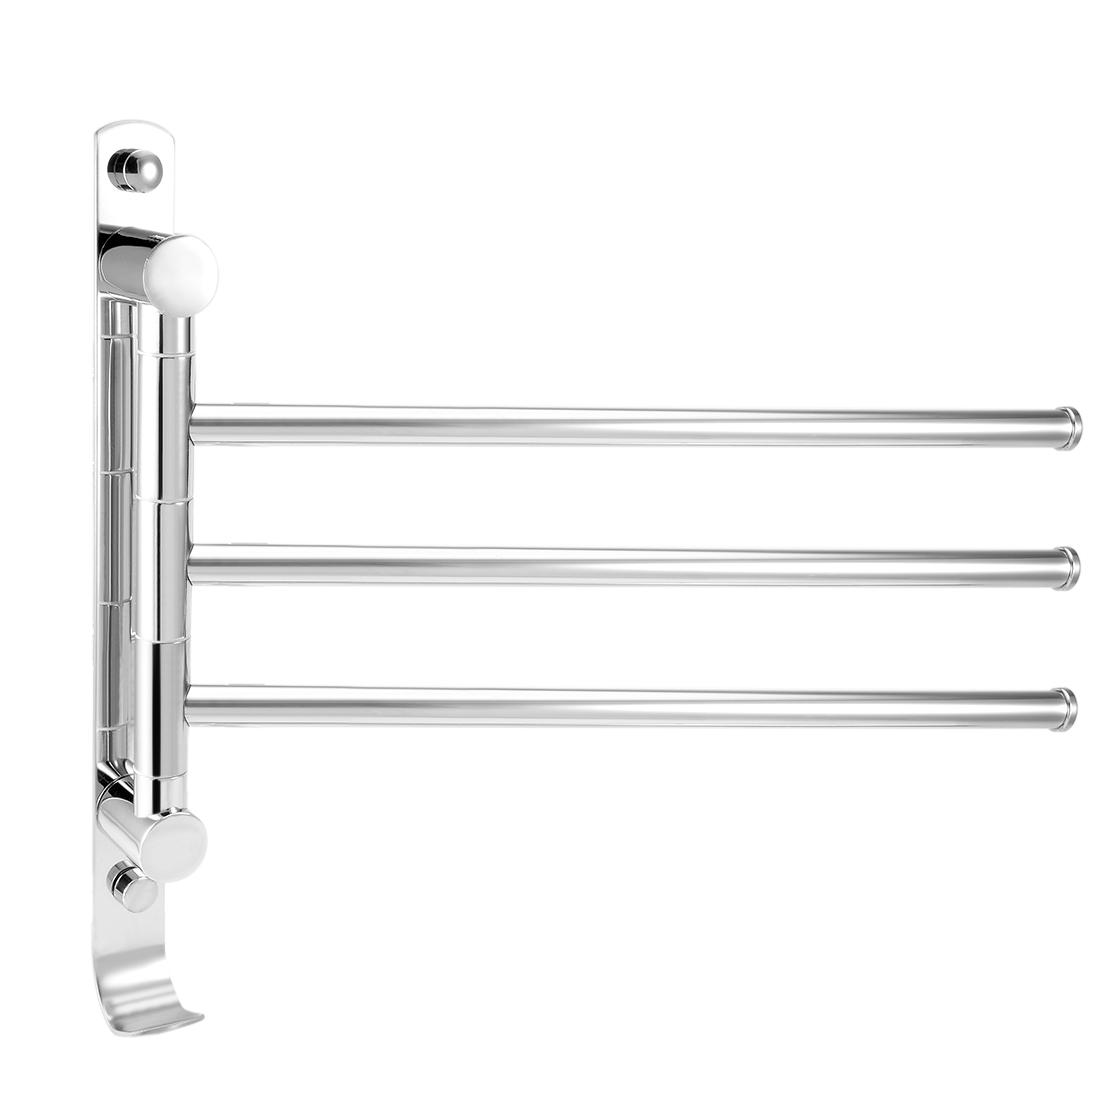 201 Stainless Steel 3 Bar Folding Arm Swivel Hanger Towel Rail Chrome Planted